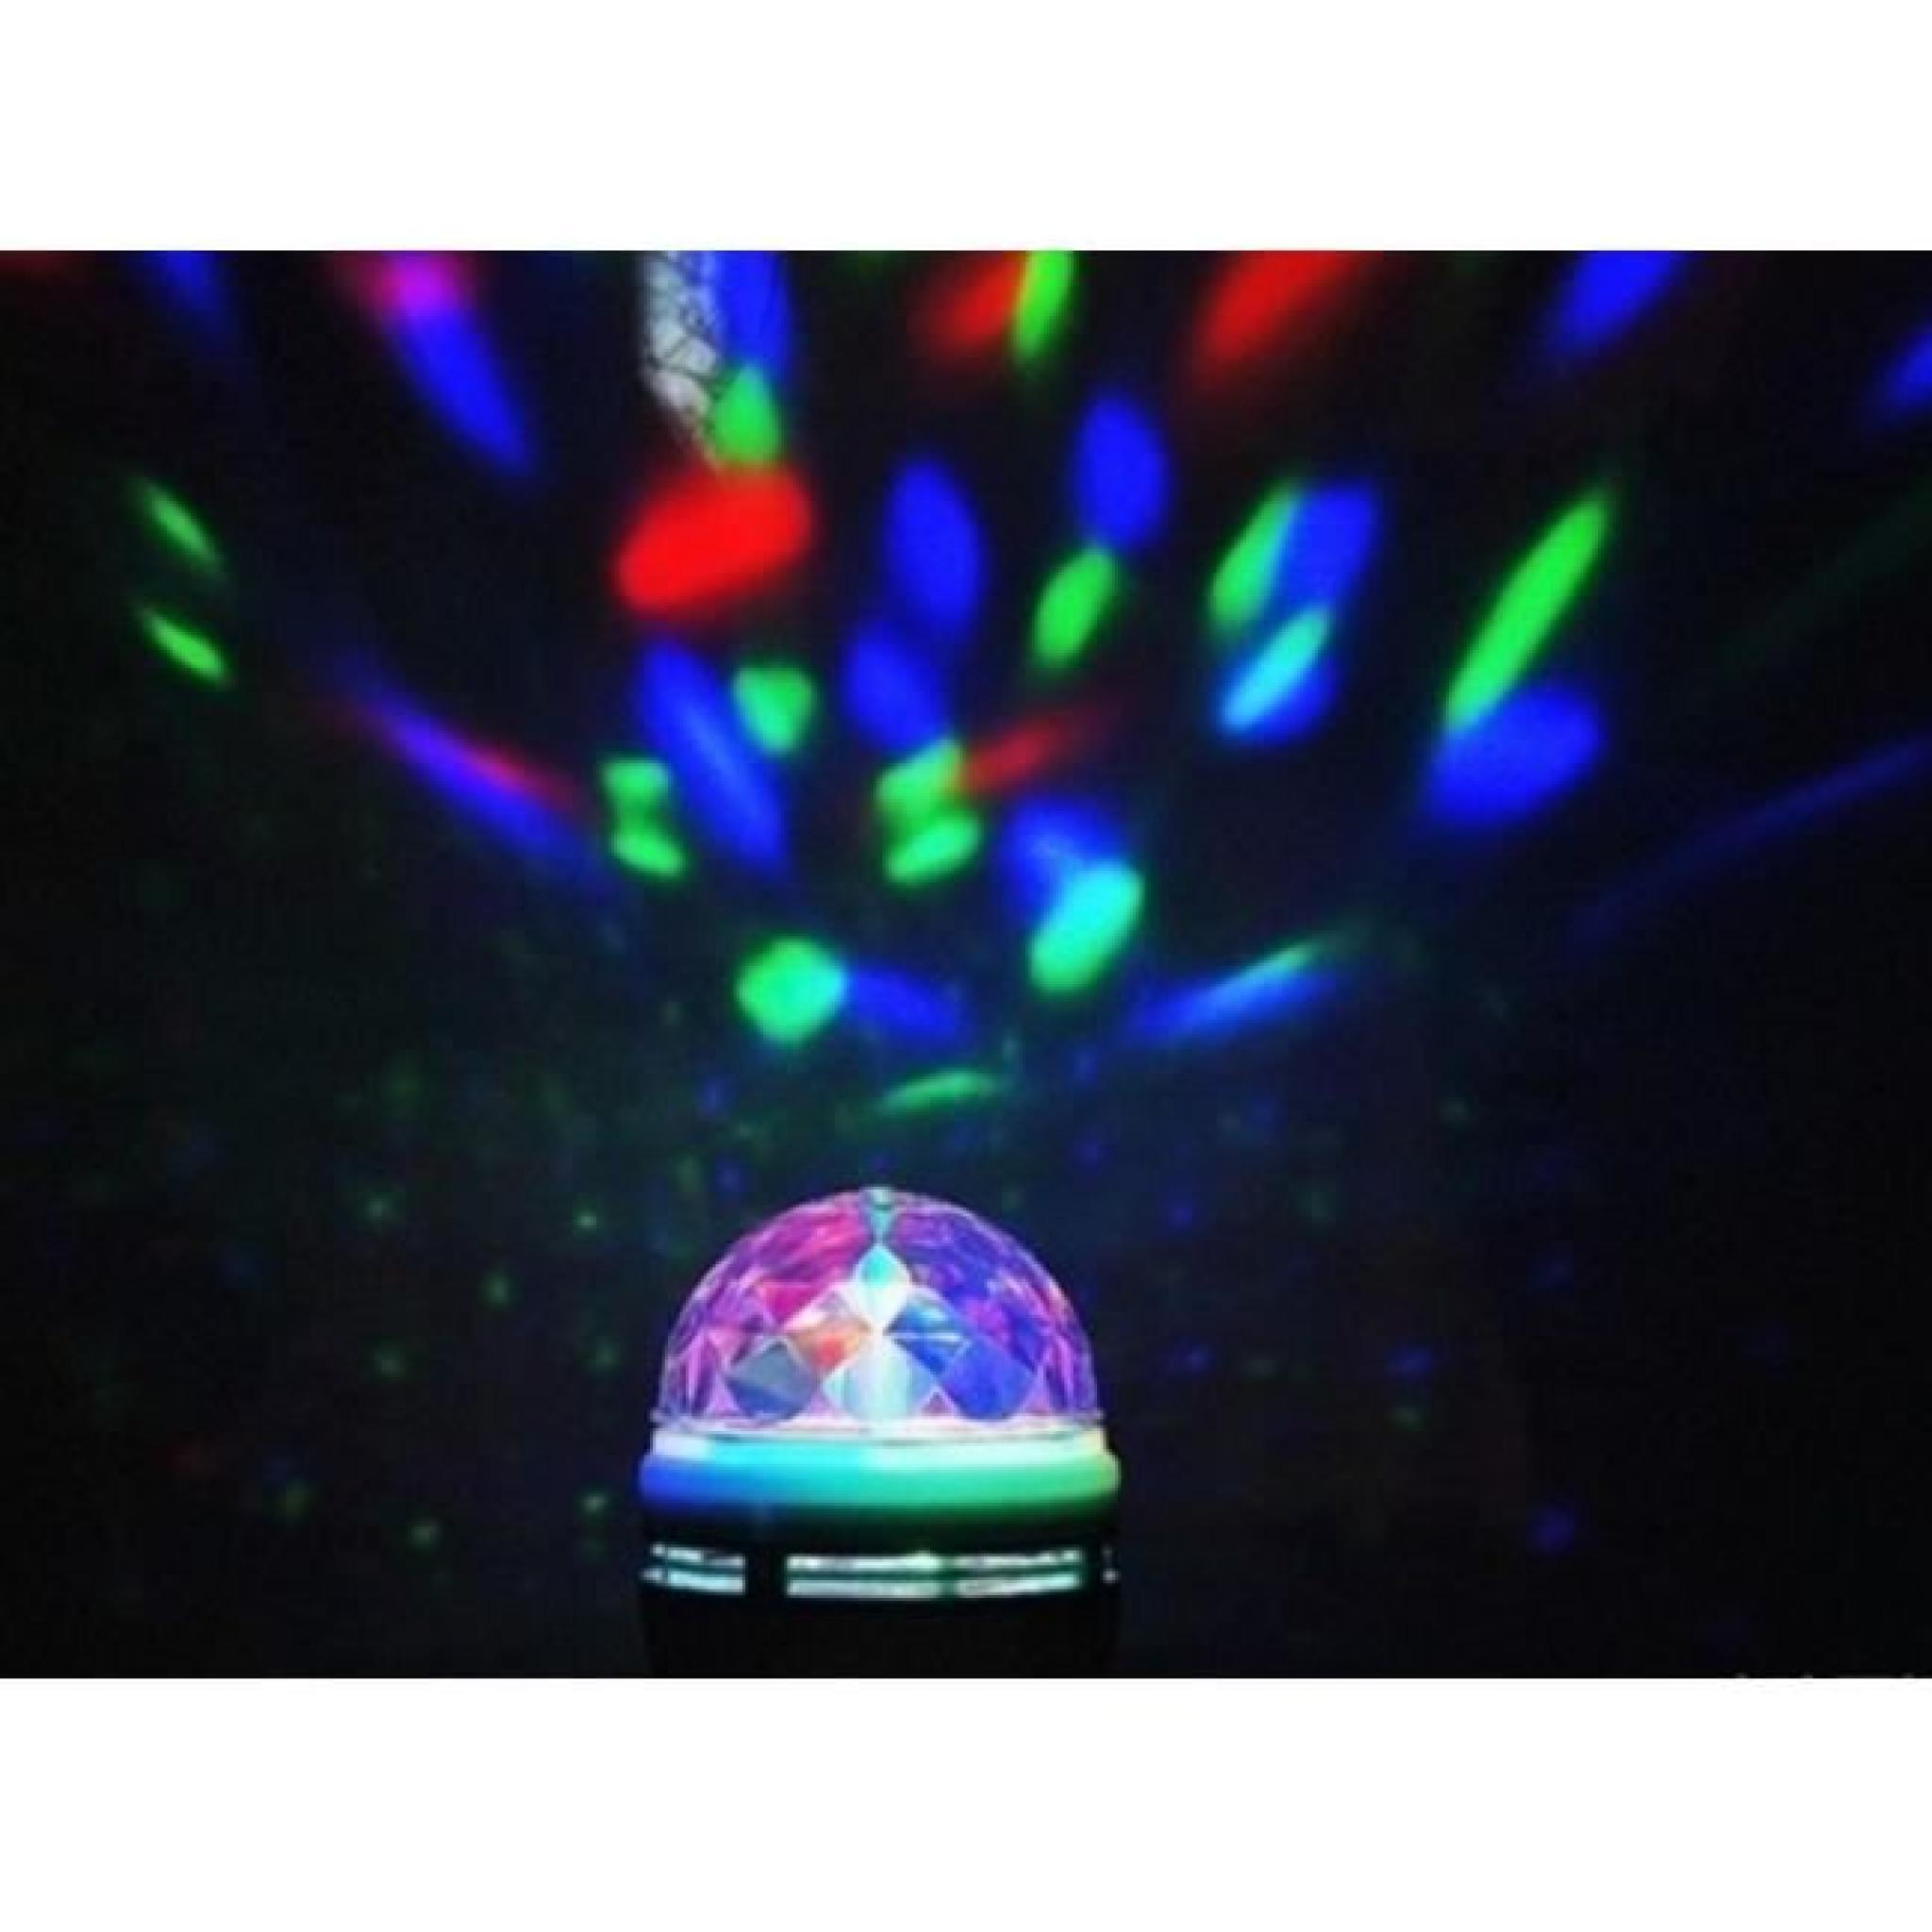 E27 Rgb Large Rotation Disco Bars Dj Led Pour Ktv Pleine Lampe De Stage Ampoule Couleur Cristal Soirée 3w wv8n0OmN